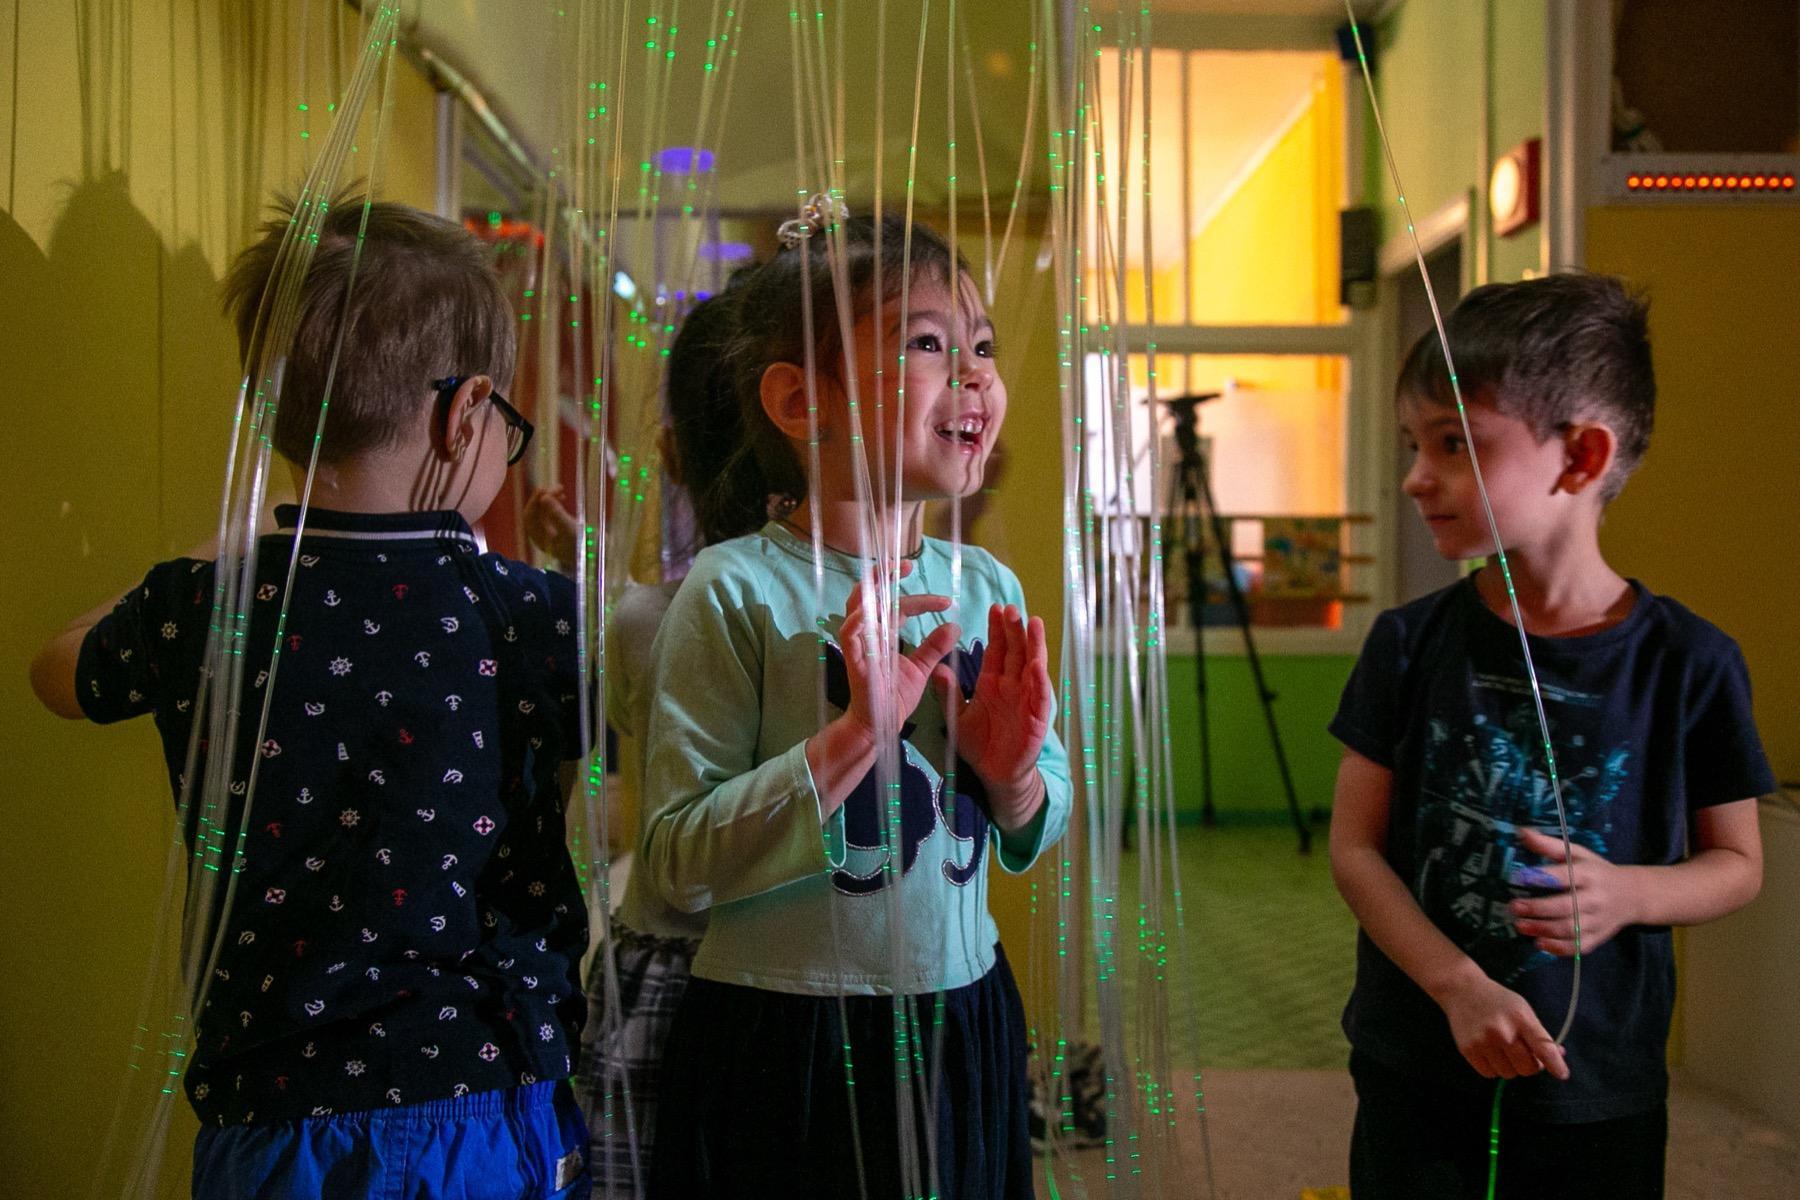 1605339221 ea6q0702 - Коломенский детский сад признан одним из лучших в России по инклюзивному образованию